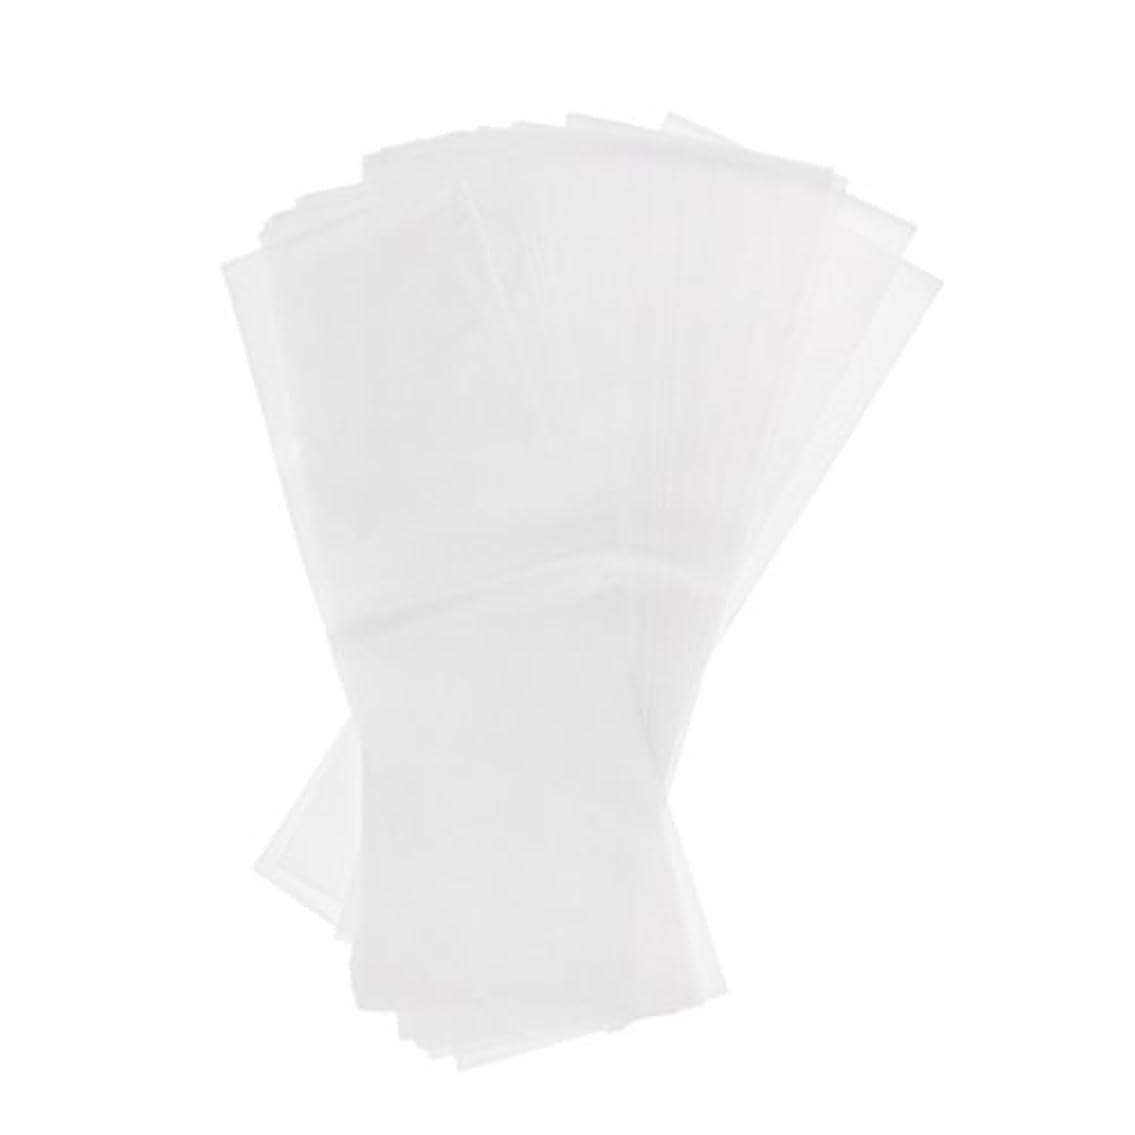 神社セージネズミSM SunniMix ヘアカラー 毛染め 分版用紙 ハイライトシート 毛染め紙 再利用可能な 透明 2仕様選べ - ホワイト